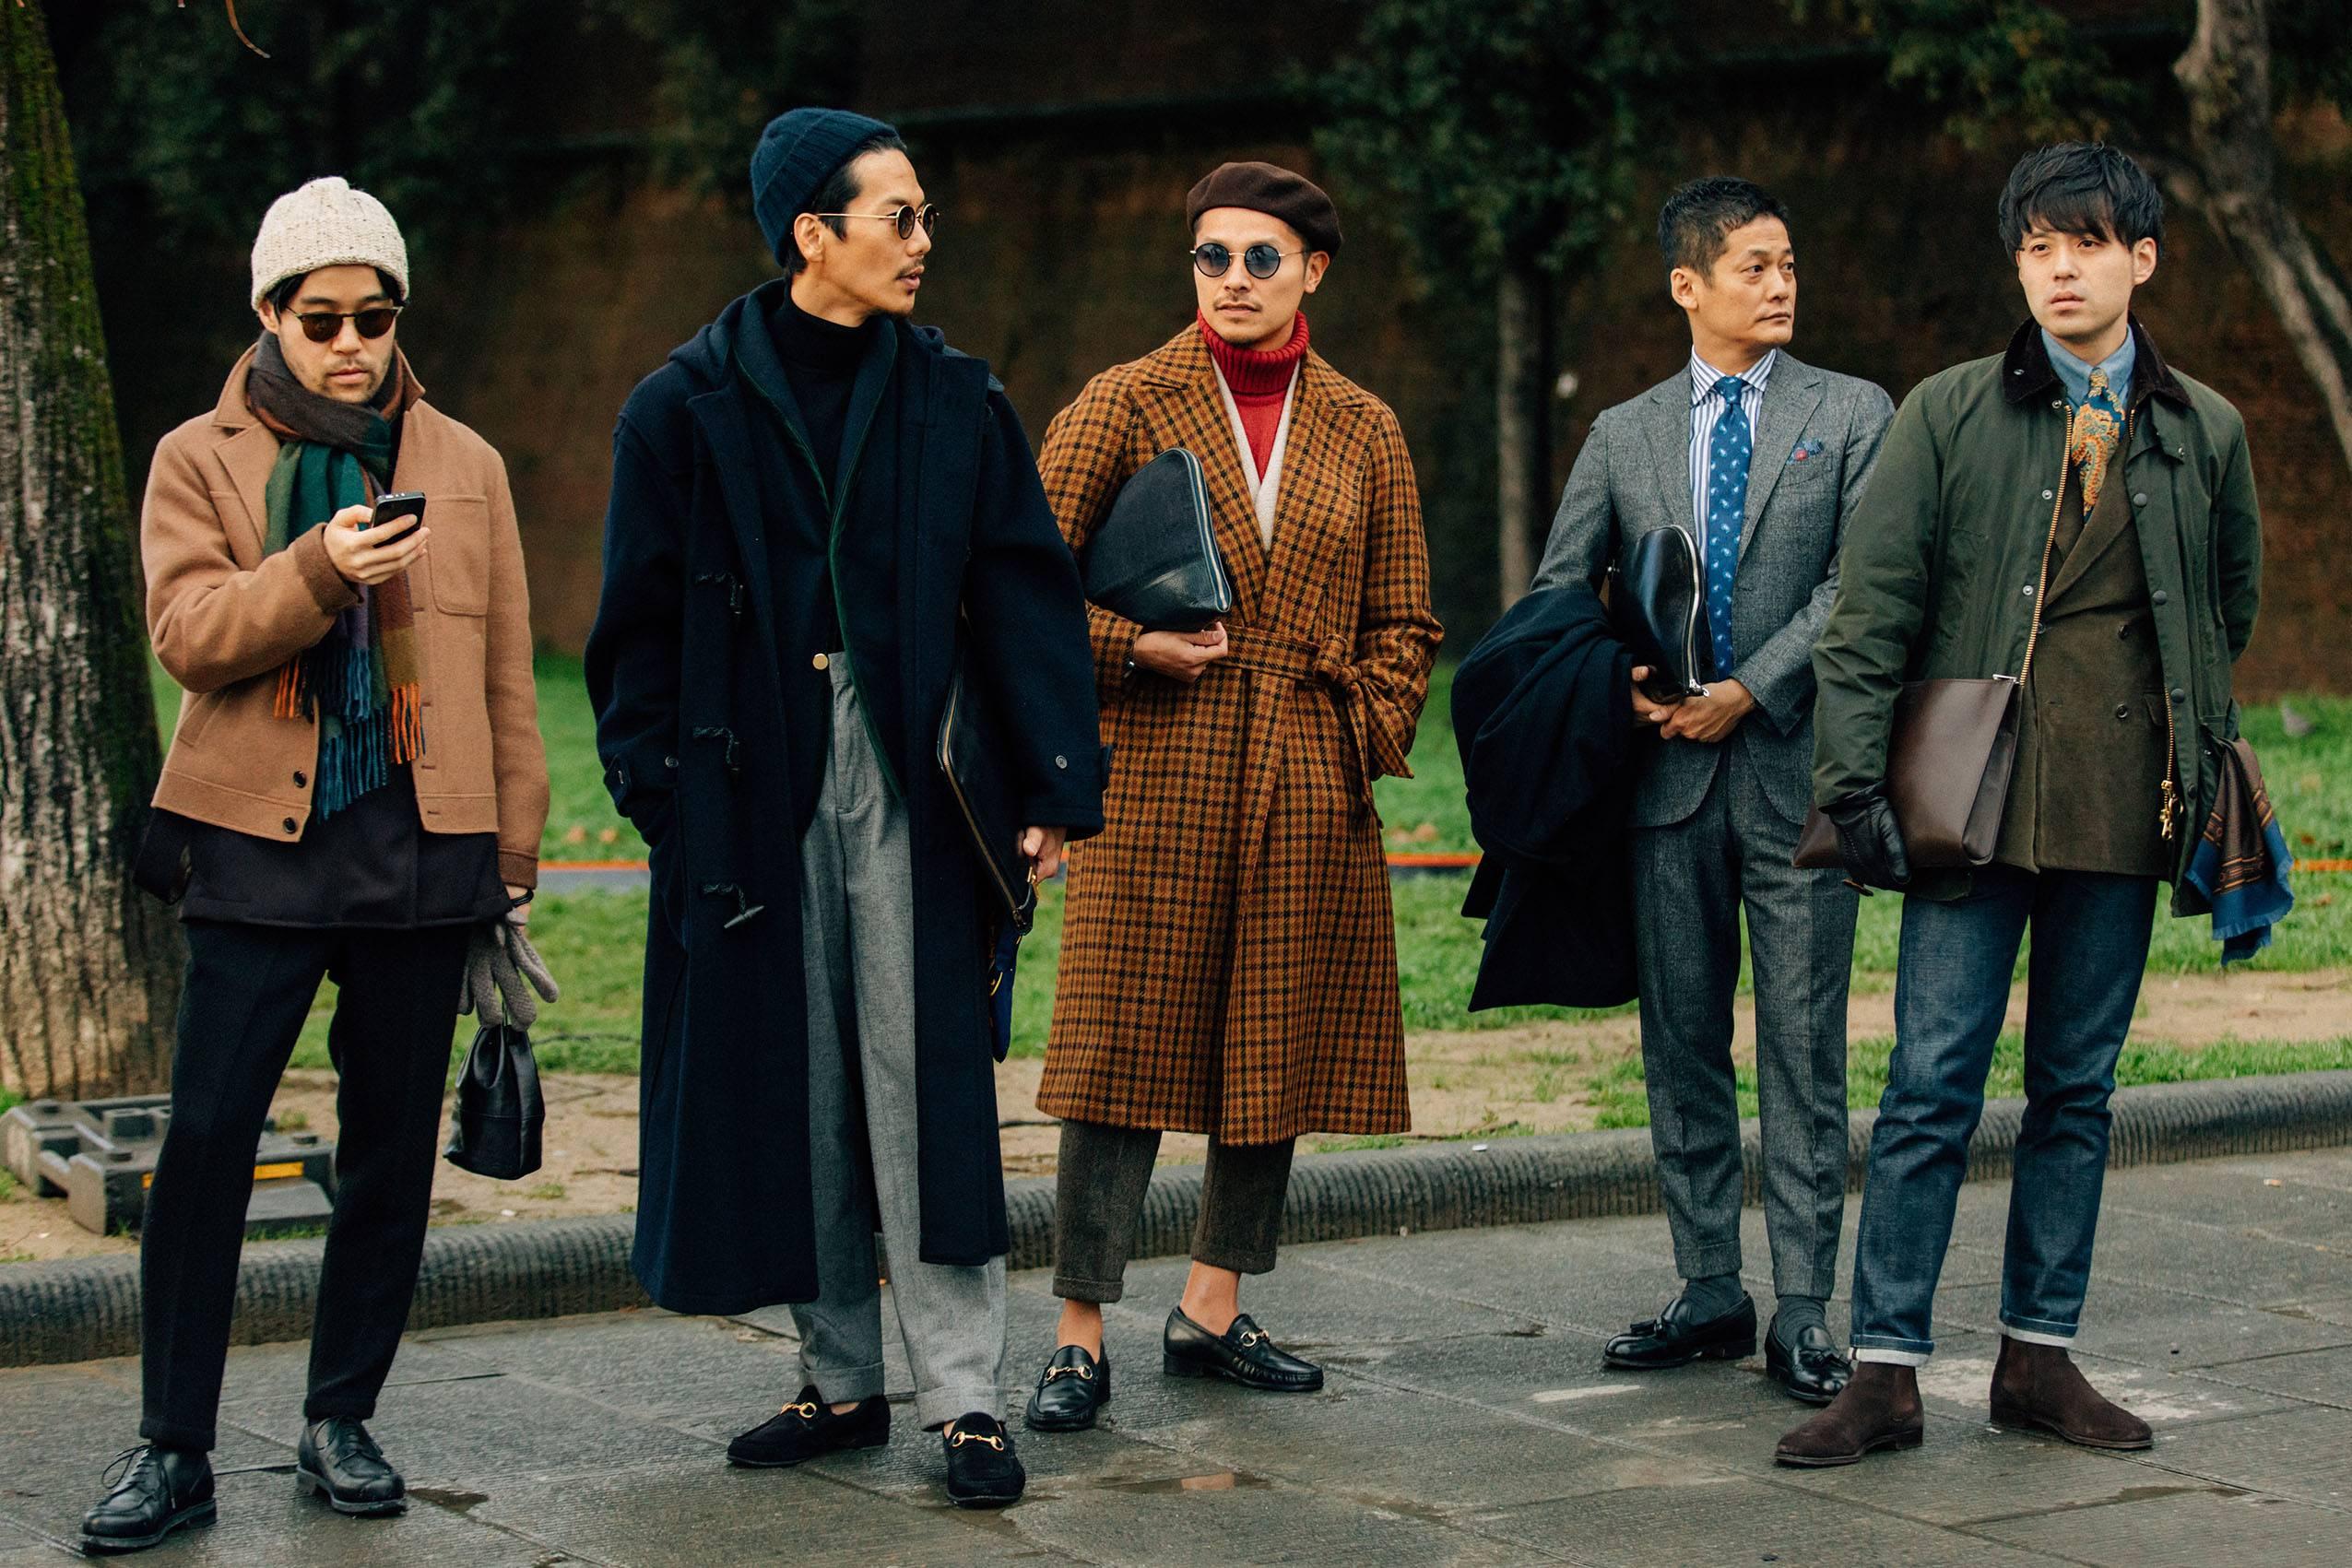 全世界的绅士们汇聚在一起 告诉你2018年应该怎么穿!